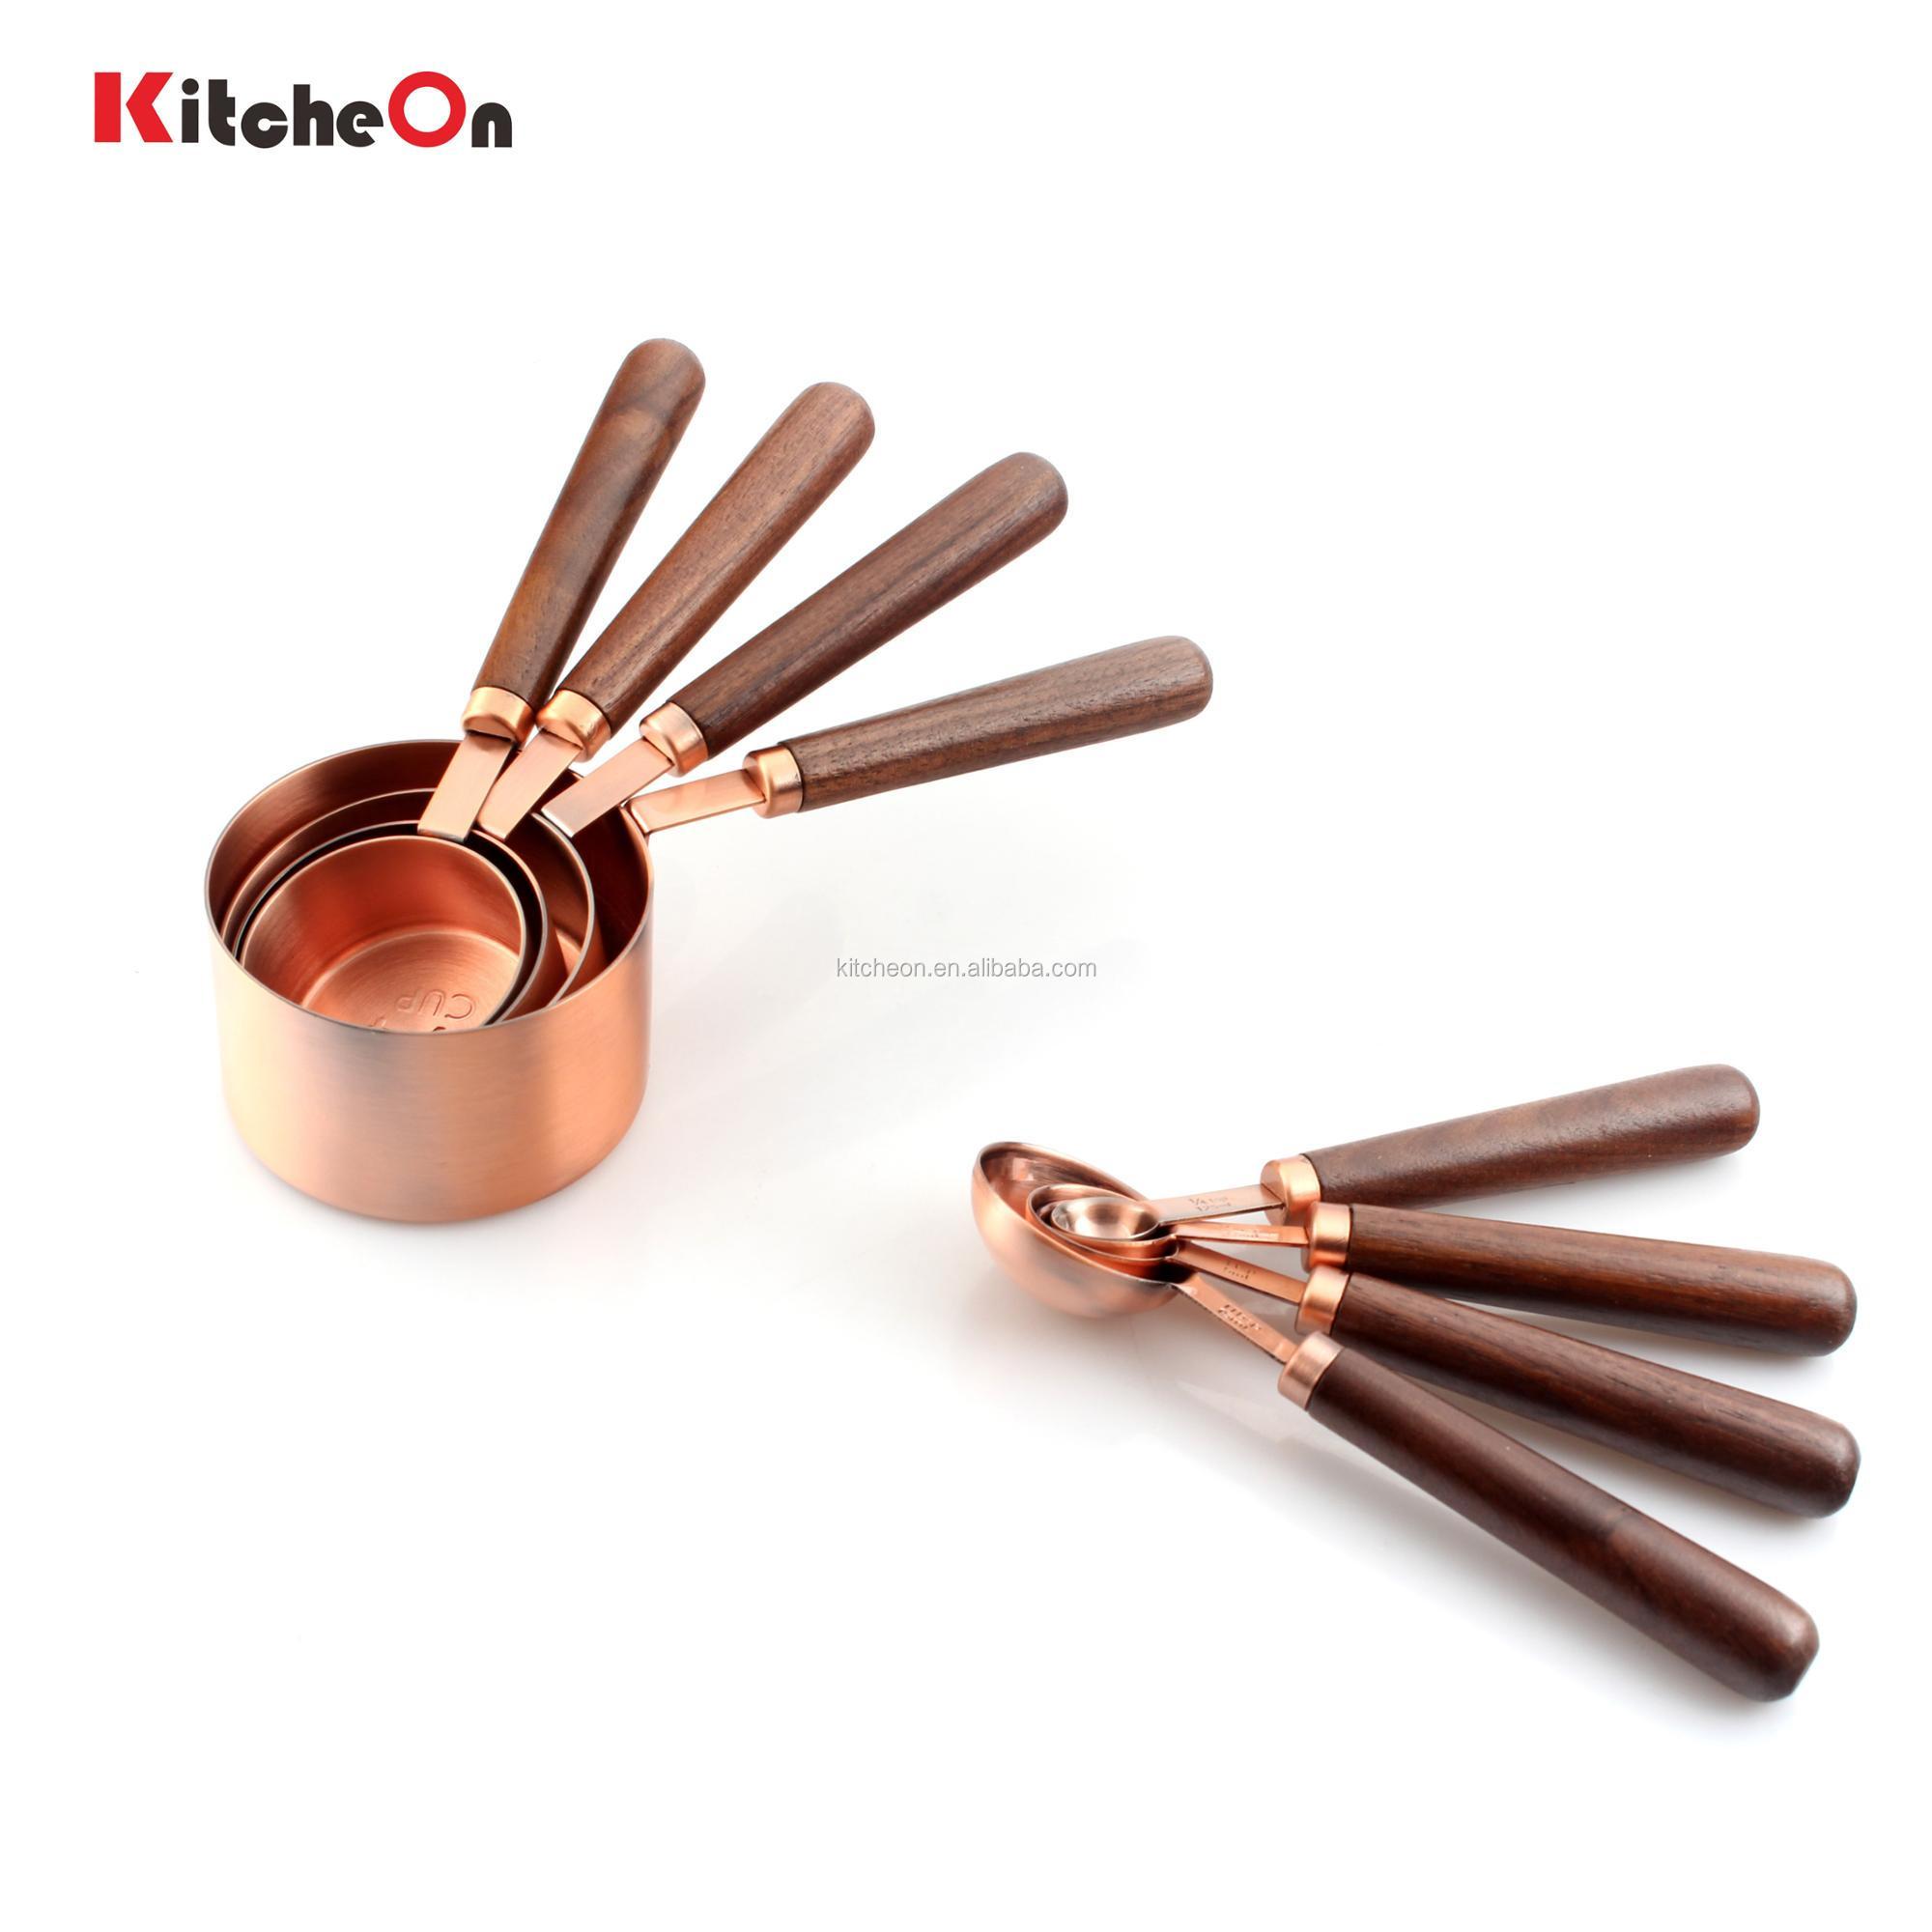 최신 나무 손잡이 골동품 구리 측정 컵 숟가락 8 조각 세트